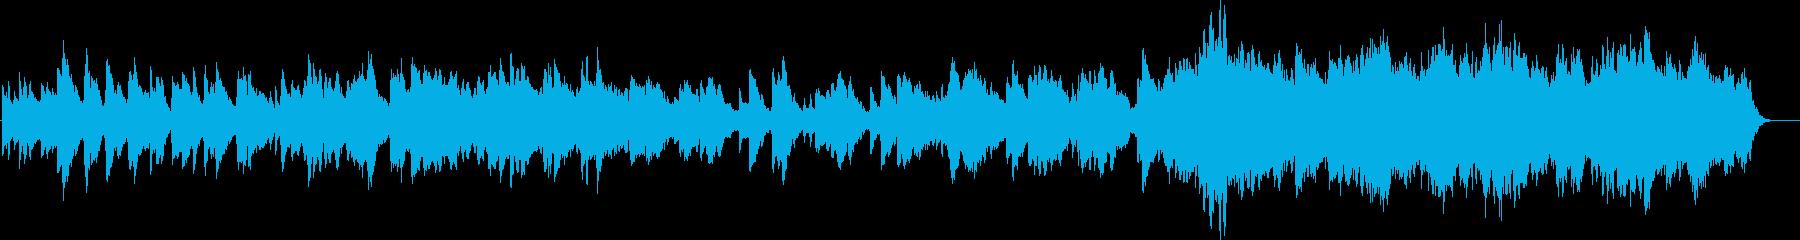 どこまでも爽やかなピアノストリングス楽曲の再生済みの波形